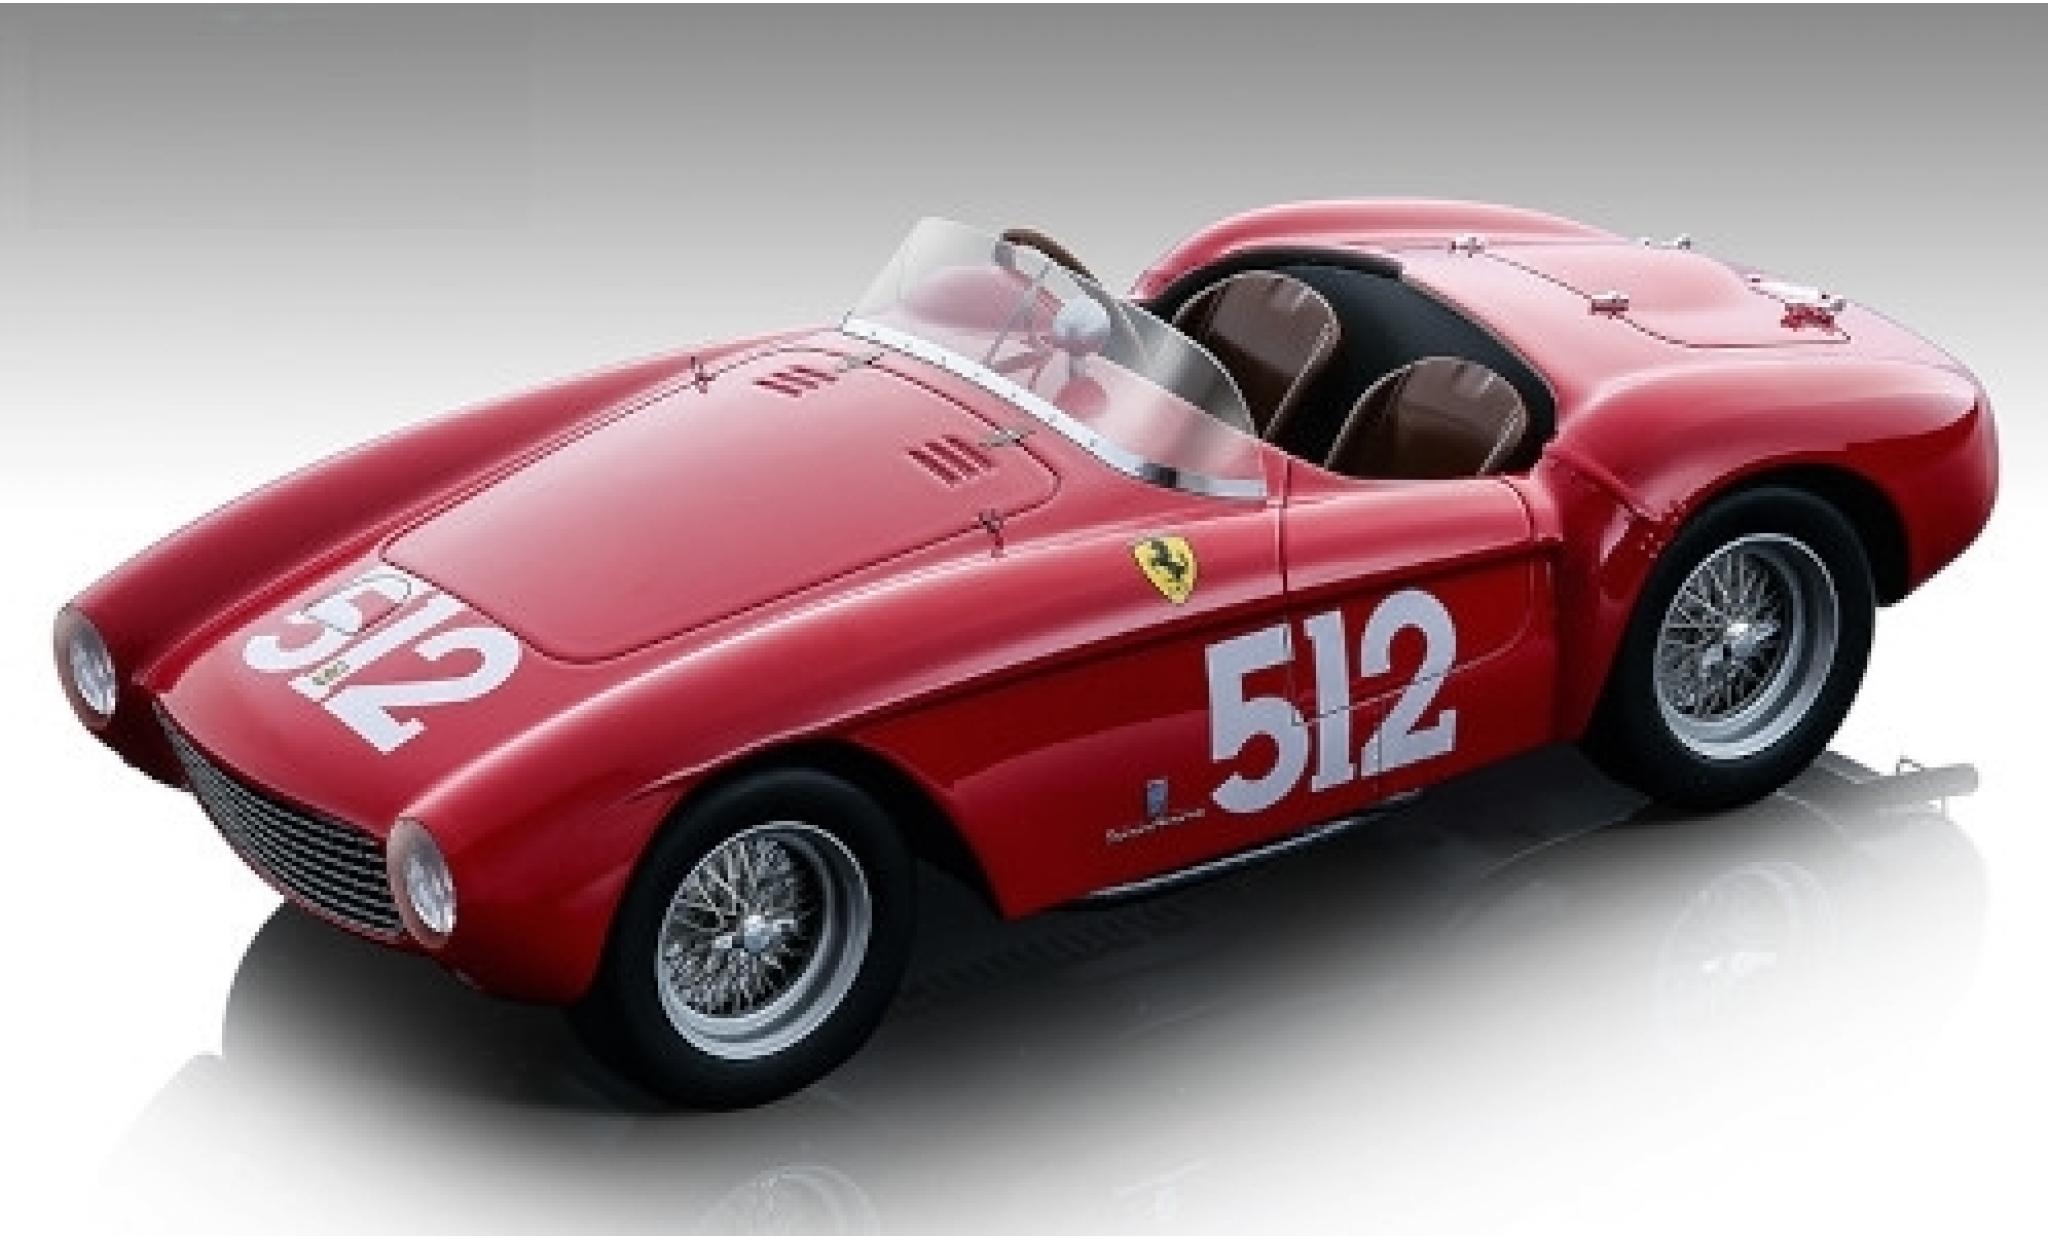 Ferrari 500 1/18 Tecnomodel Mondial RHD No.512 Scuderia Mille Miglia 1954 E.Sterzi/A.Rossi